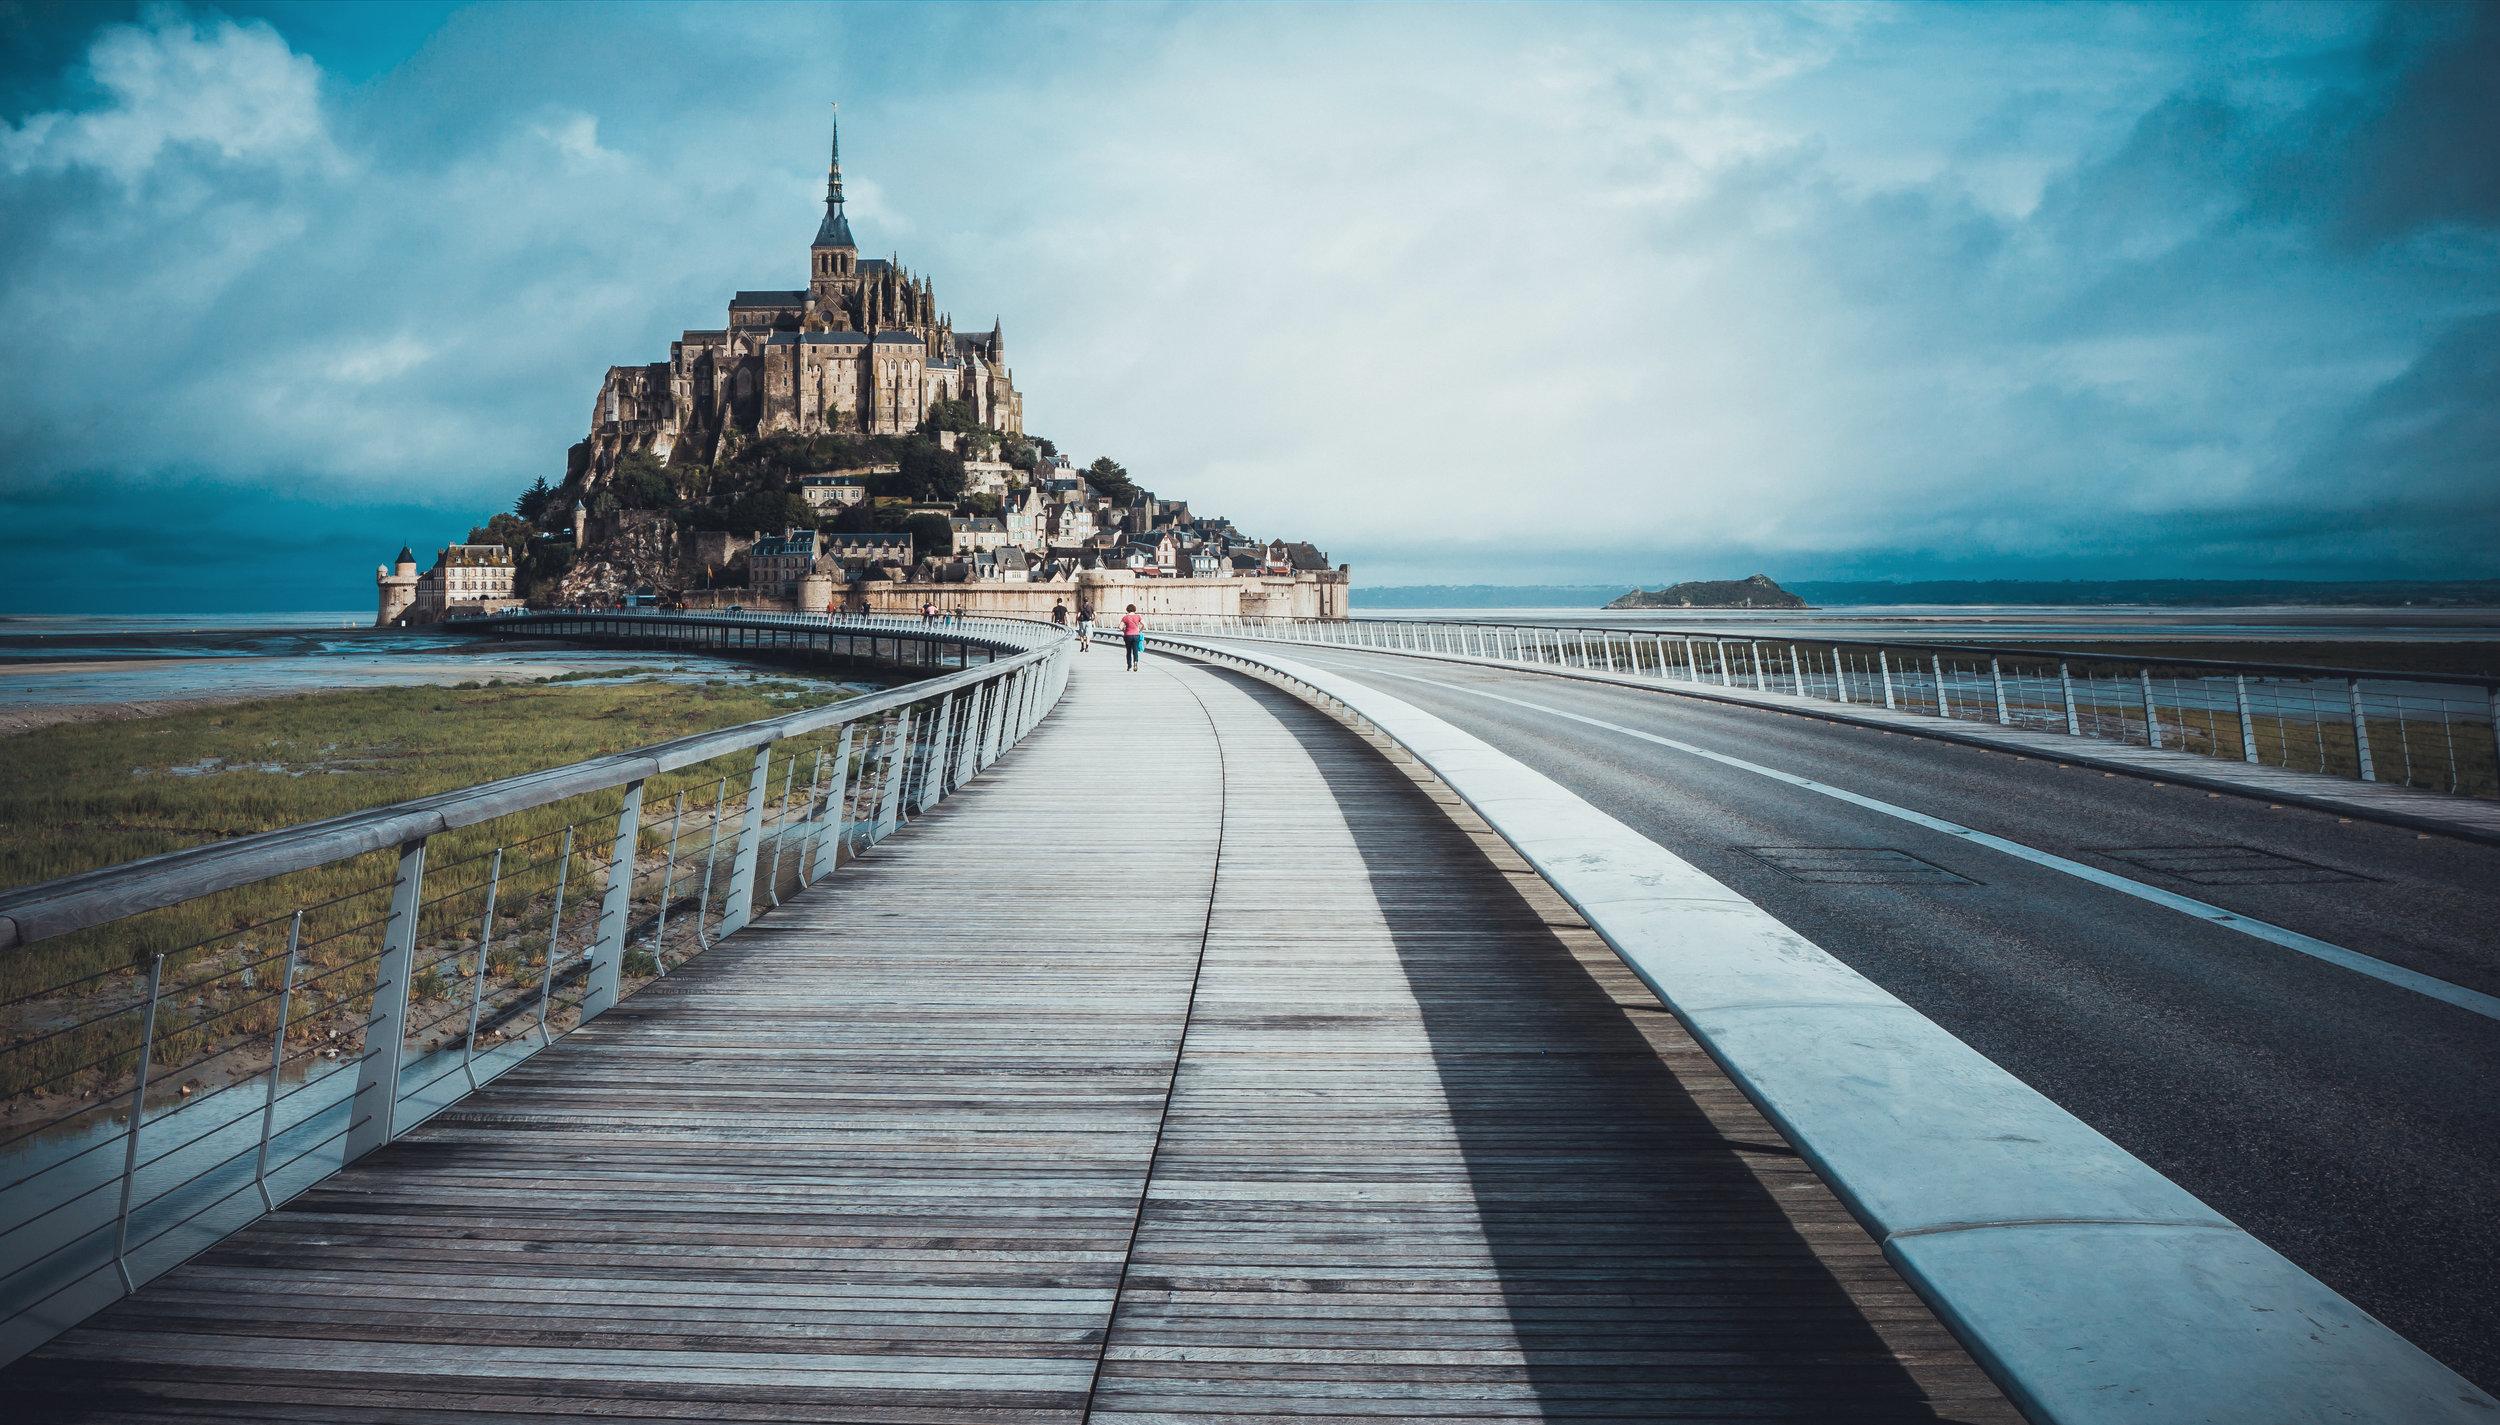 Fracia rural - Más allá de Paris, la ciudad de la luz, existe una Francia encantadora. Desde su viñedos pasando por los campos de lavanda y desde sus pueblos encantadores como Colmar hasta su costa mediterránea, Francia es un tesoro de país que merece ser explorado con el mejor roadtrip que harás en tu vida. No olvides visitar los hermosos pueblos de Goult, St. Paul De Vence, Saint-Rémy-de-Provence, Villeneuve-lès-Avignon, Villefranche Sur Mer, Valensole, Eze y Porquerolles.